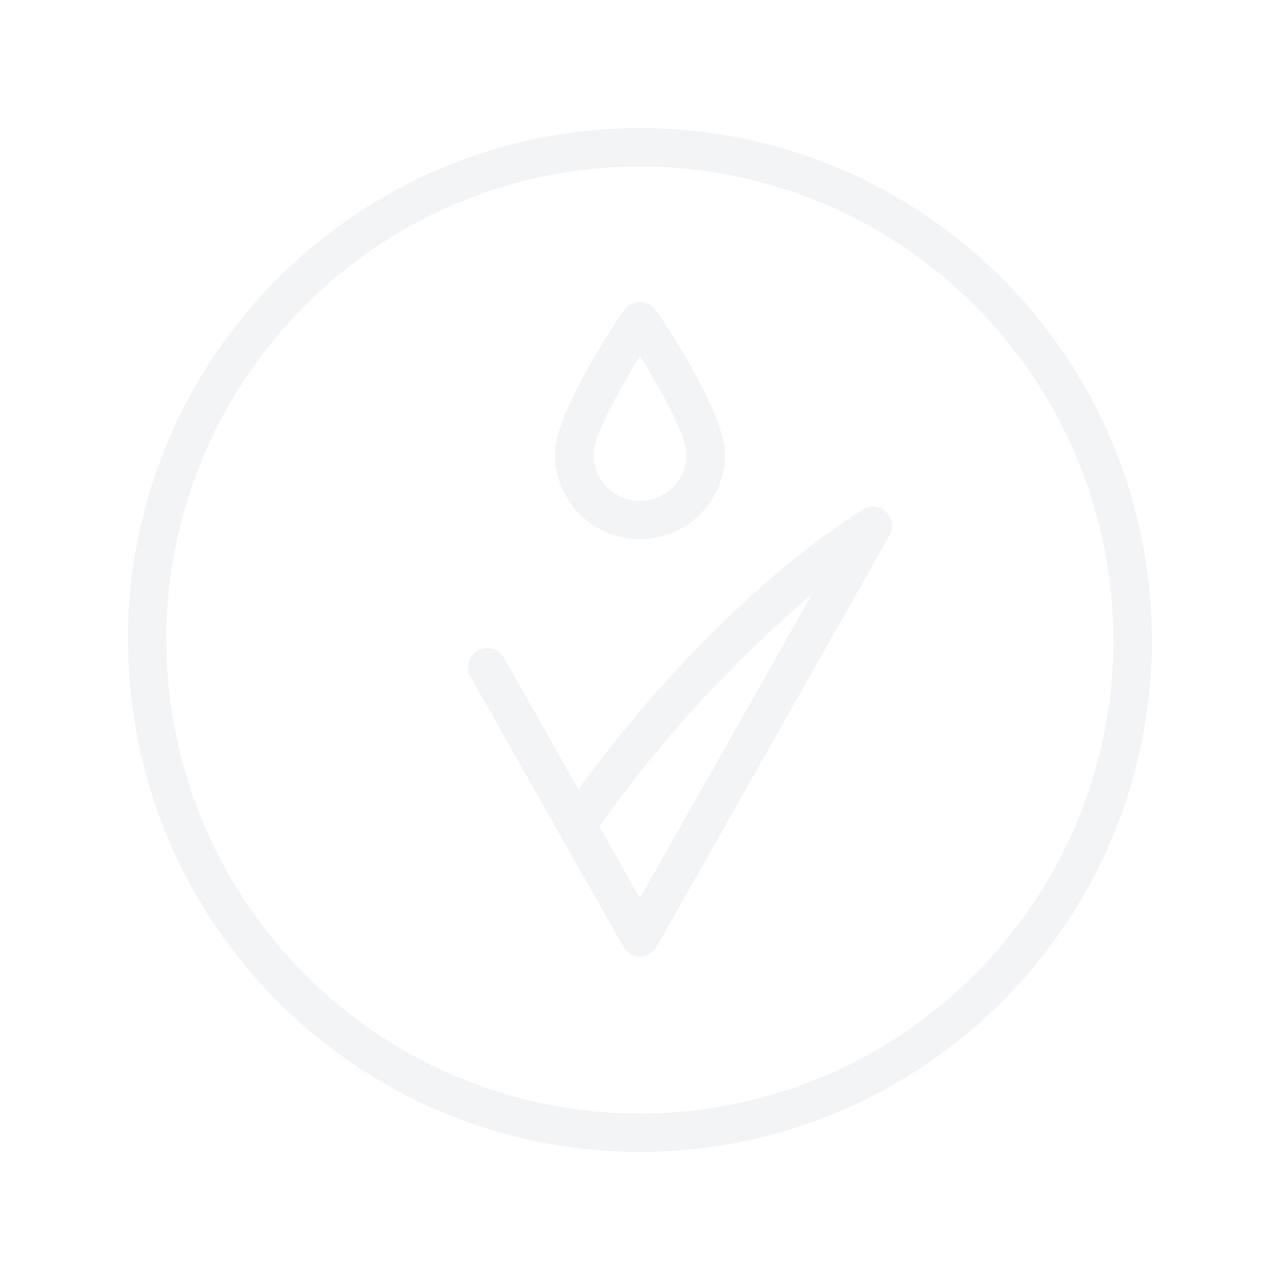 SAMPURE MINERALS Bronzer Healthy Tan 5.5g